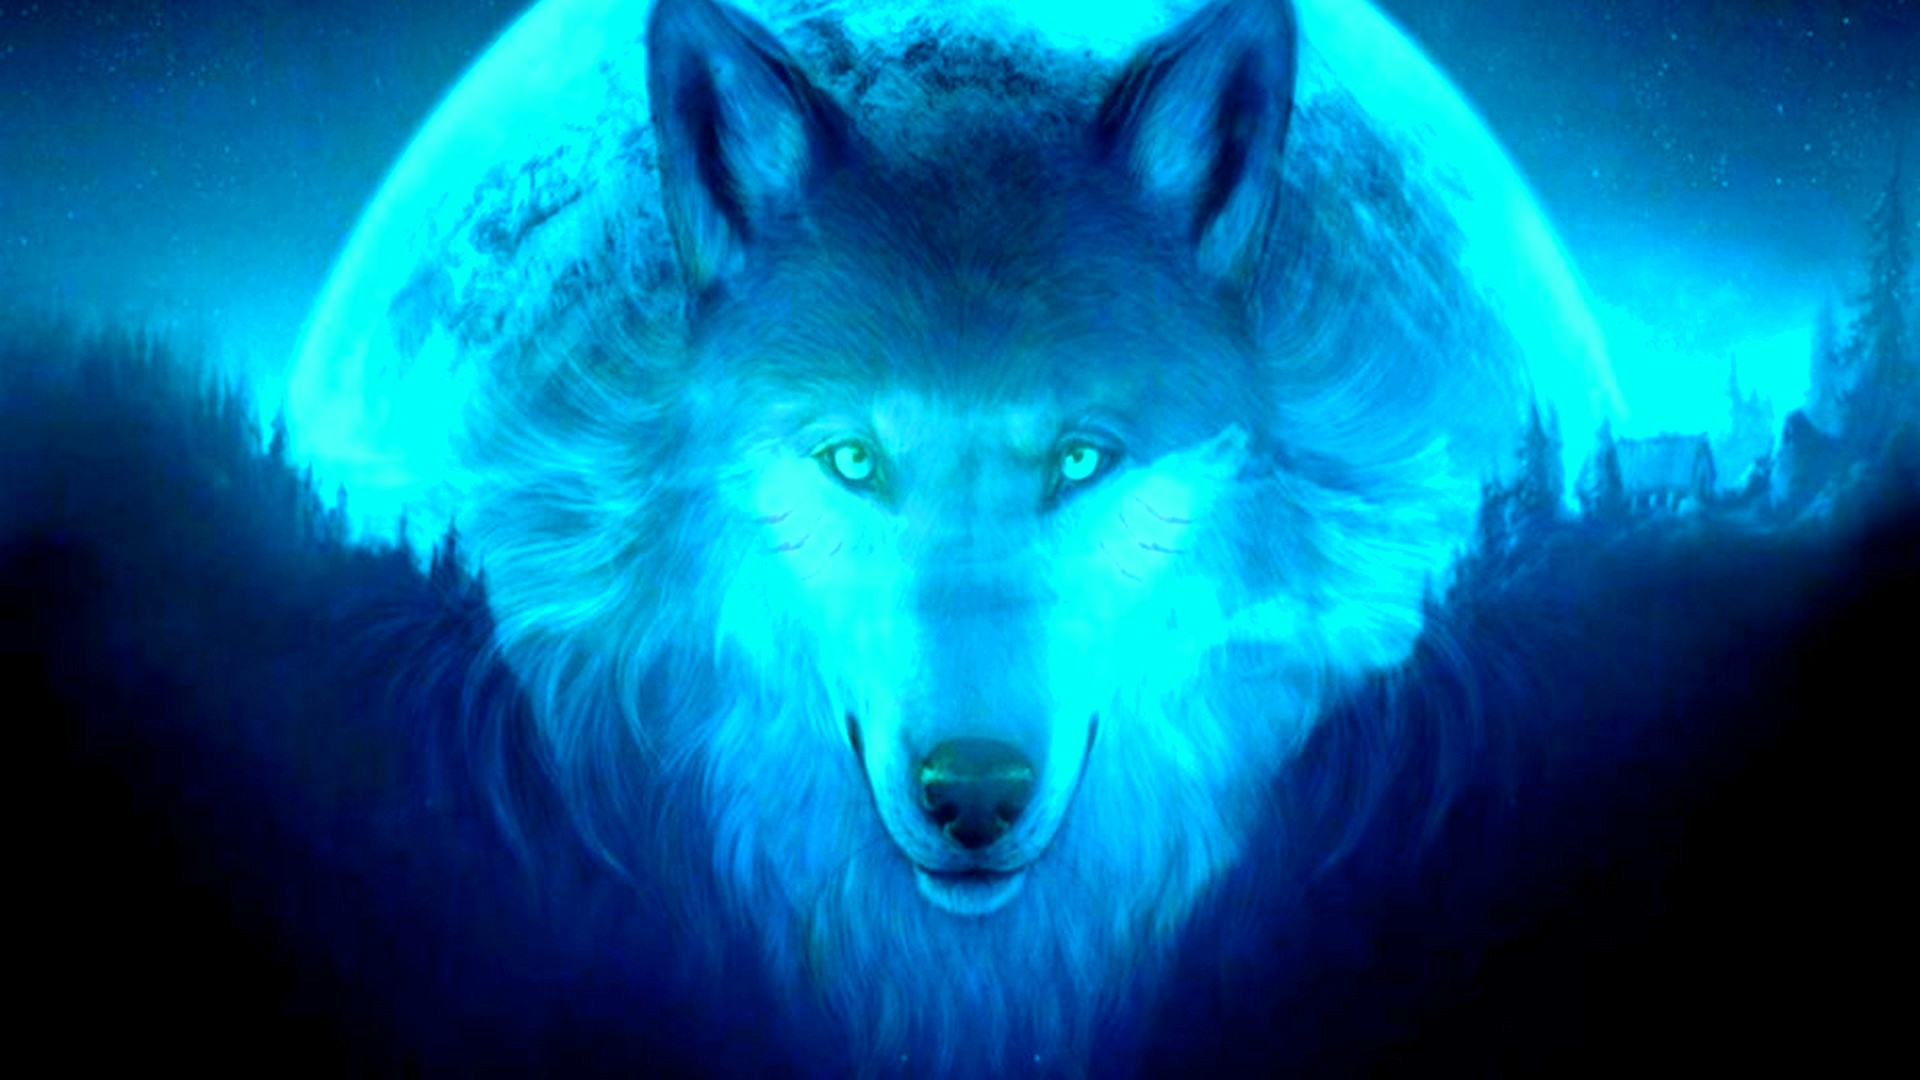 Cool Wolf Desktop Backgrounds 2021 Live Wallpaper HD 1920x1080